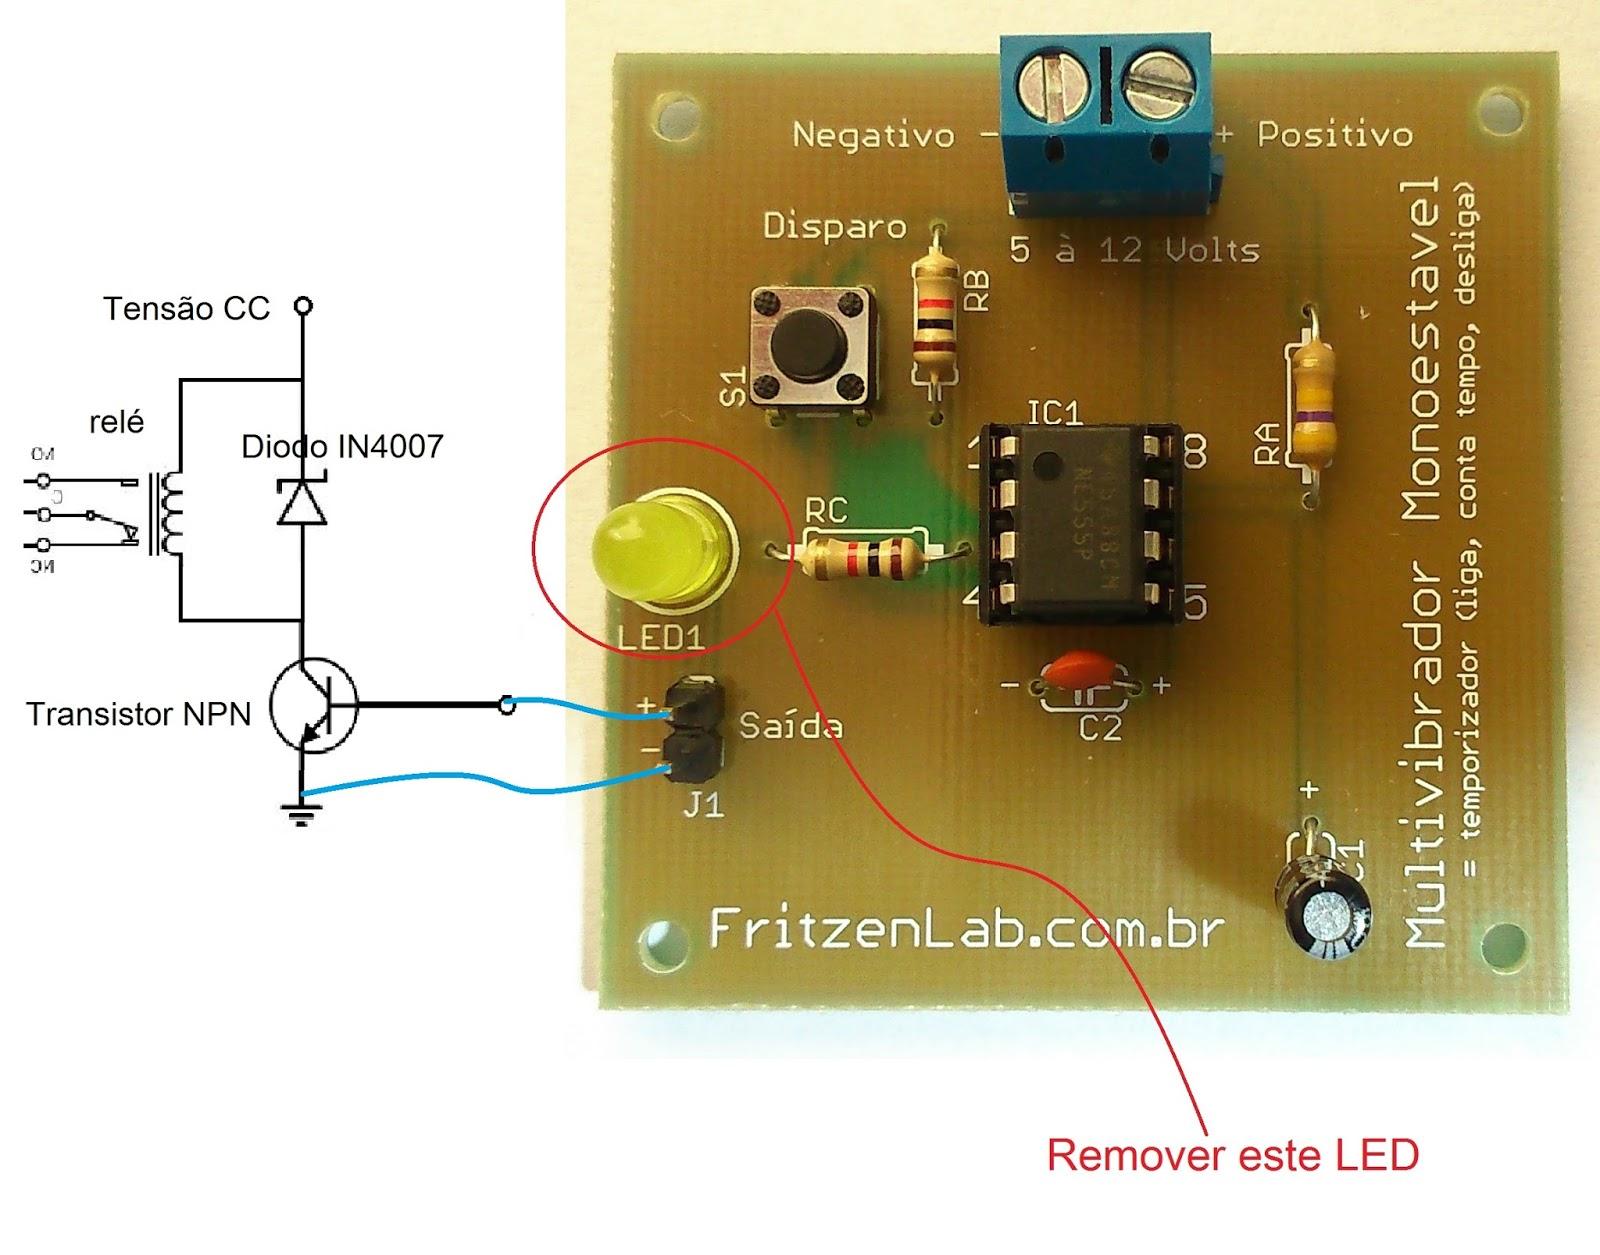 Circuito Temporizador : Temporizador com circuito integrado fritzenlab